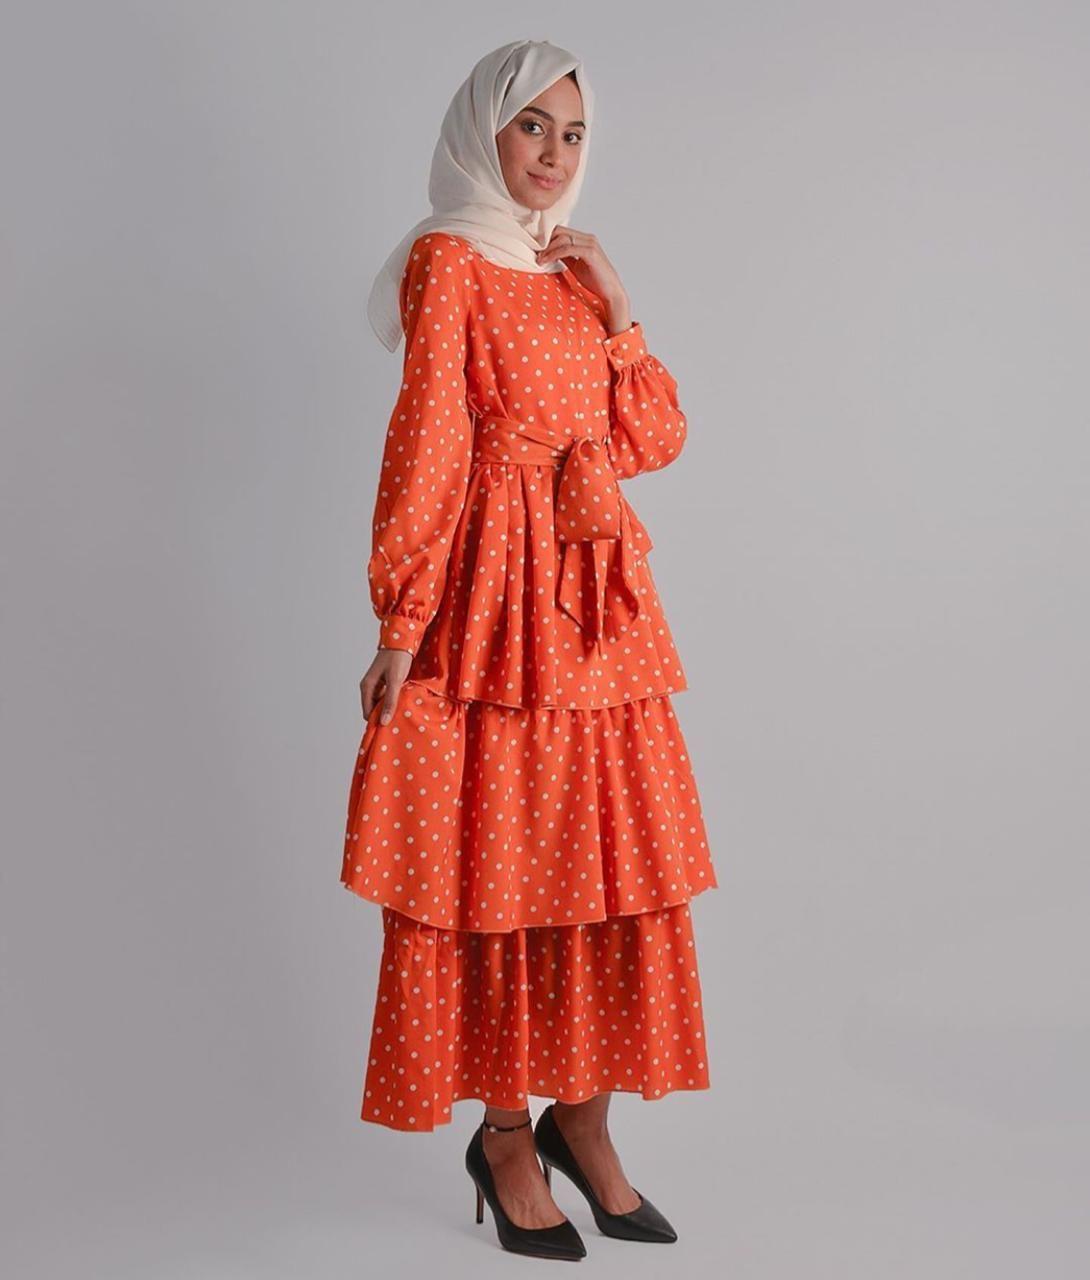 فساتين بسيطة للمحجبات في رمضان من مشاعل التركي مجلة سيدتي مشاعل التركي إحدى المؤثرات في السوشيال ميديا بأسلوب الجمال والموضة لذا جمعنا Fashion Style Vintage